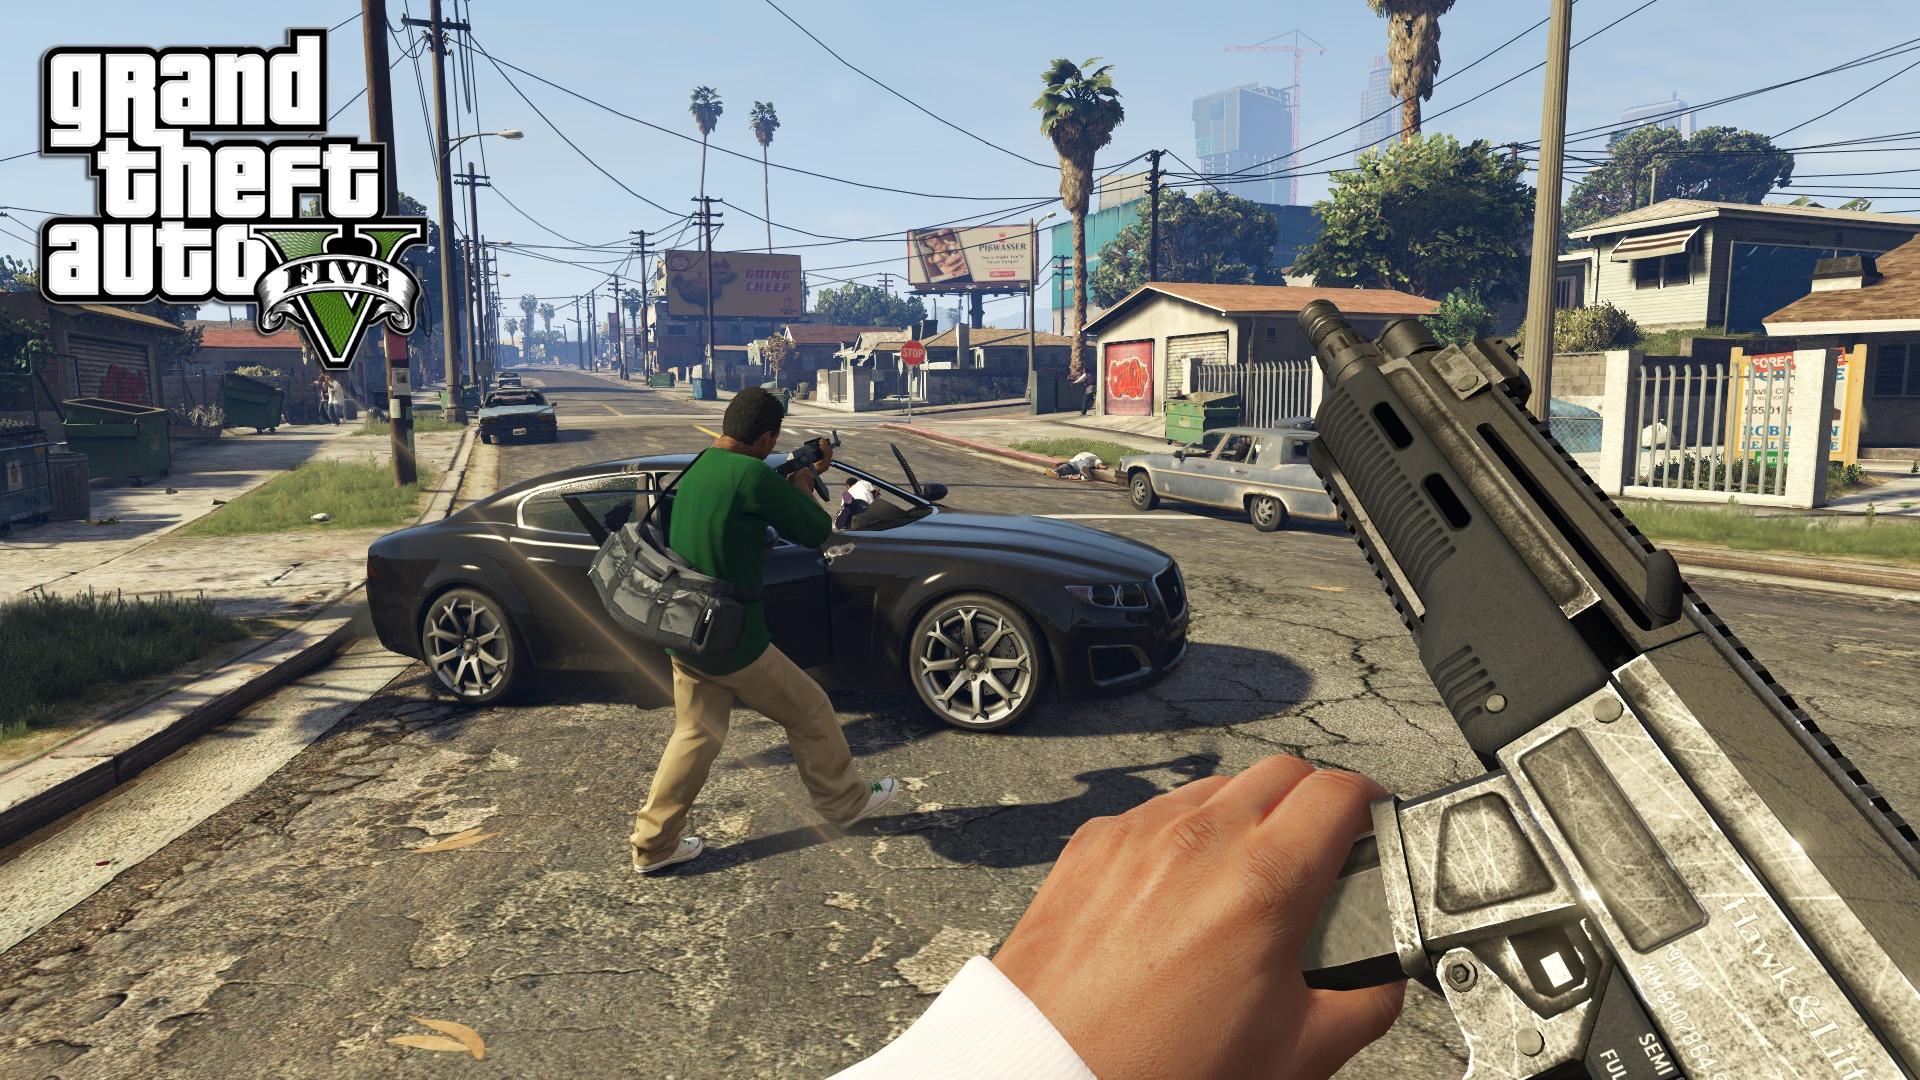 скачать Gta 5 Grand Theft Auto V торрент бесплатно от R G